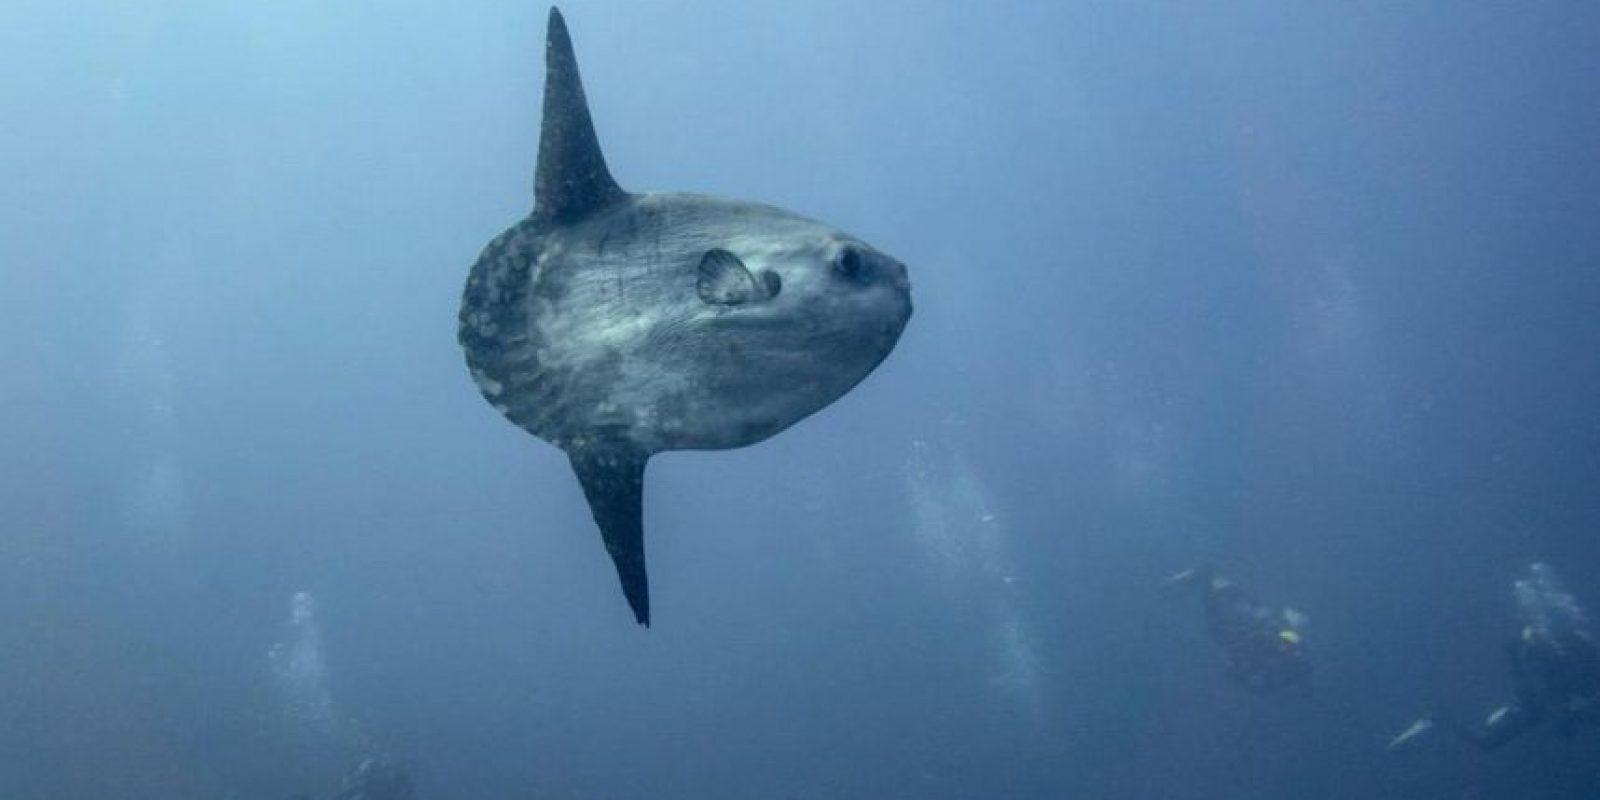 Es el pez óseo más pesado del mundo, con una media de mil kilográmos Foto:Wikicommons